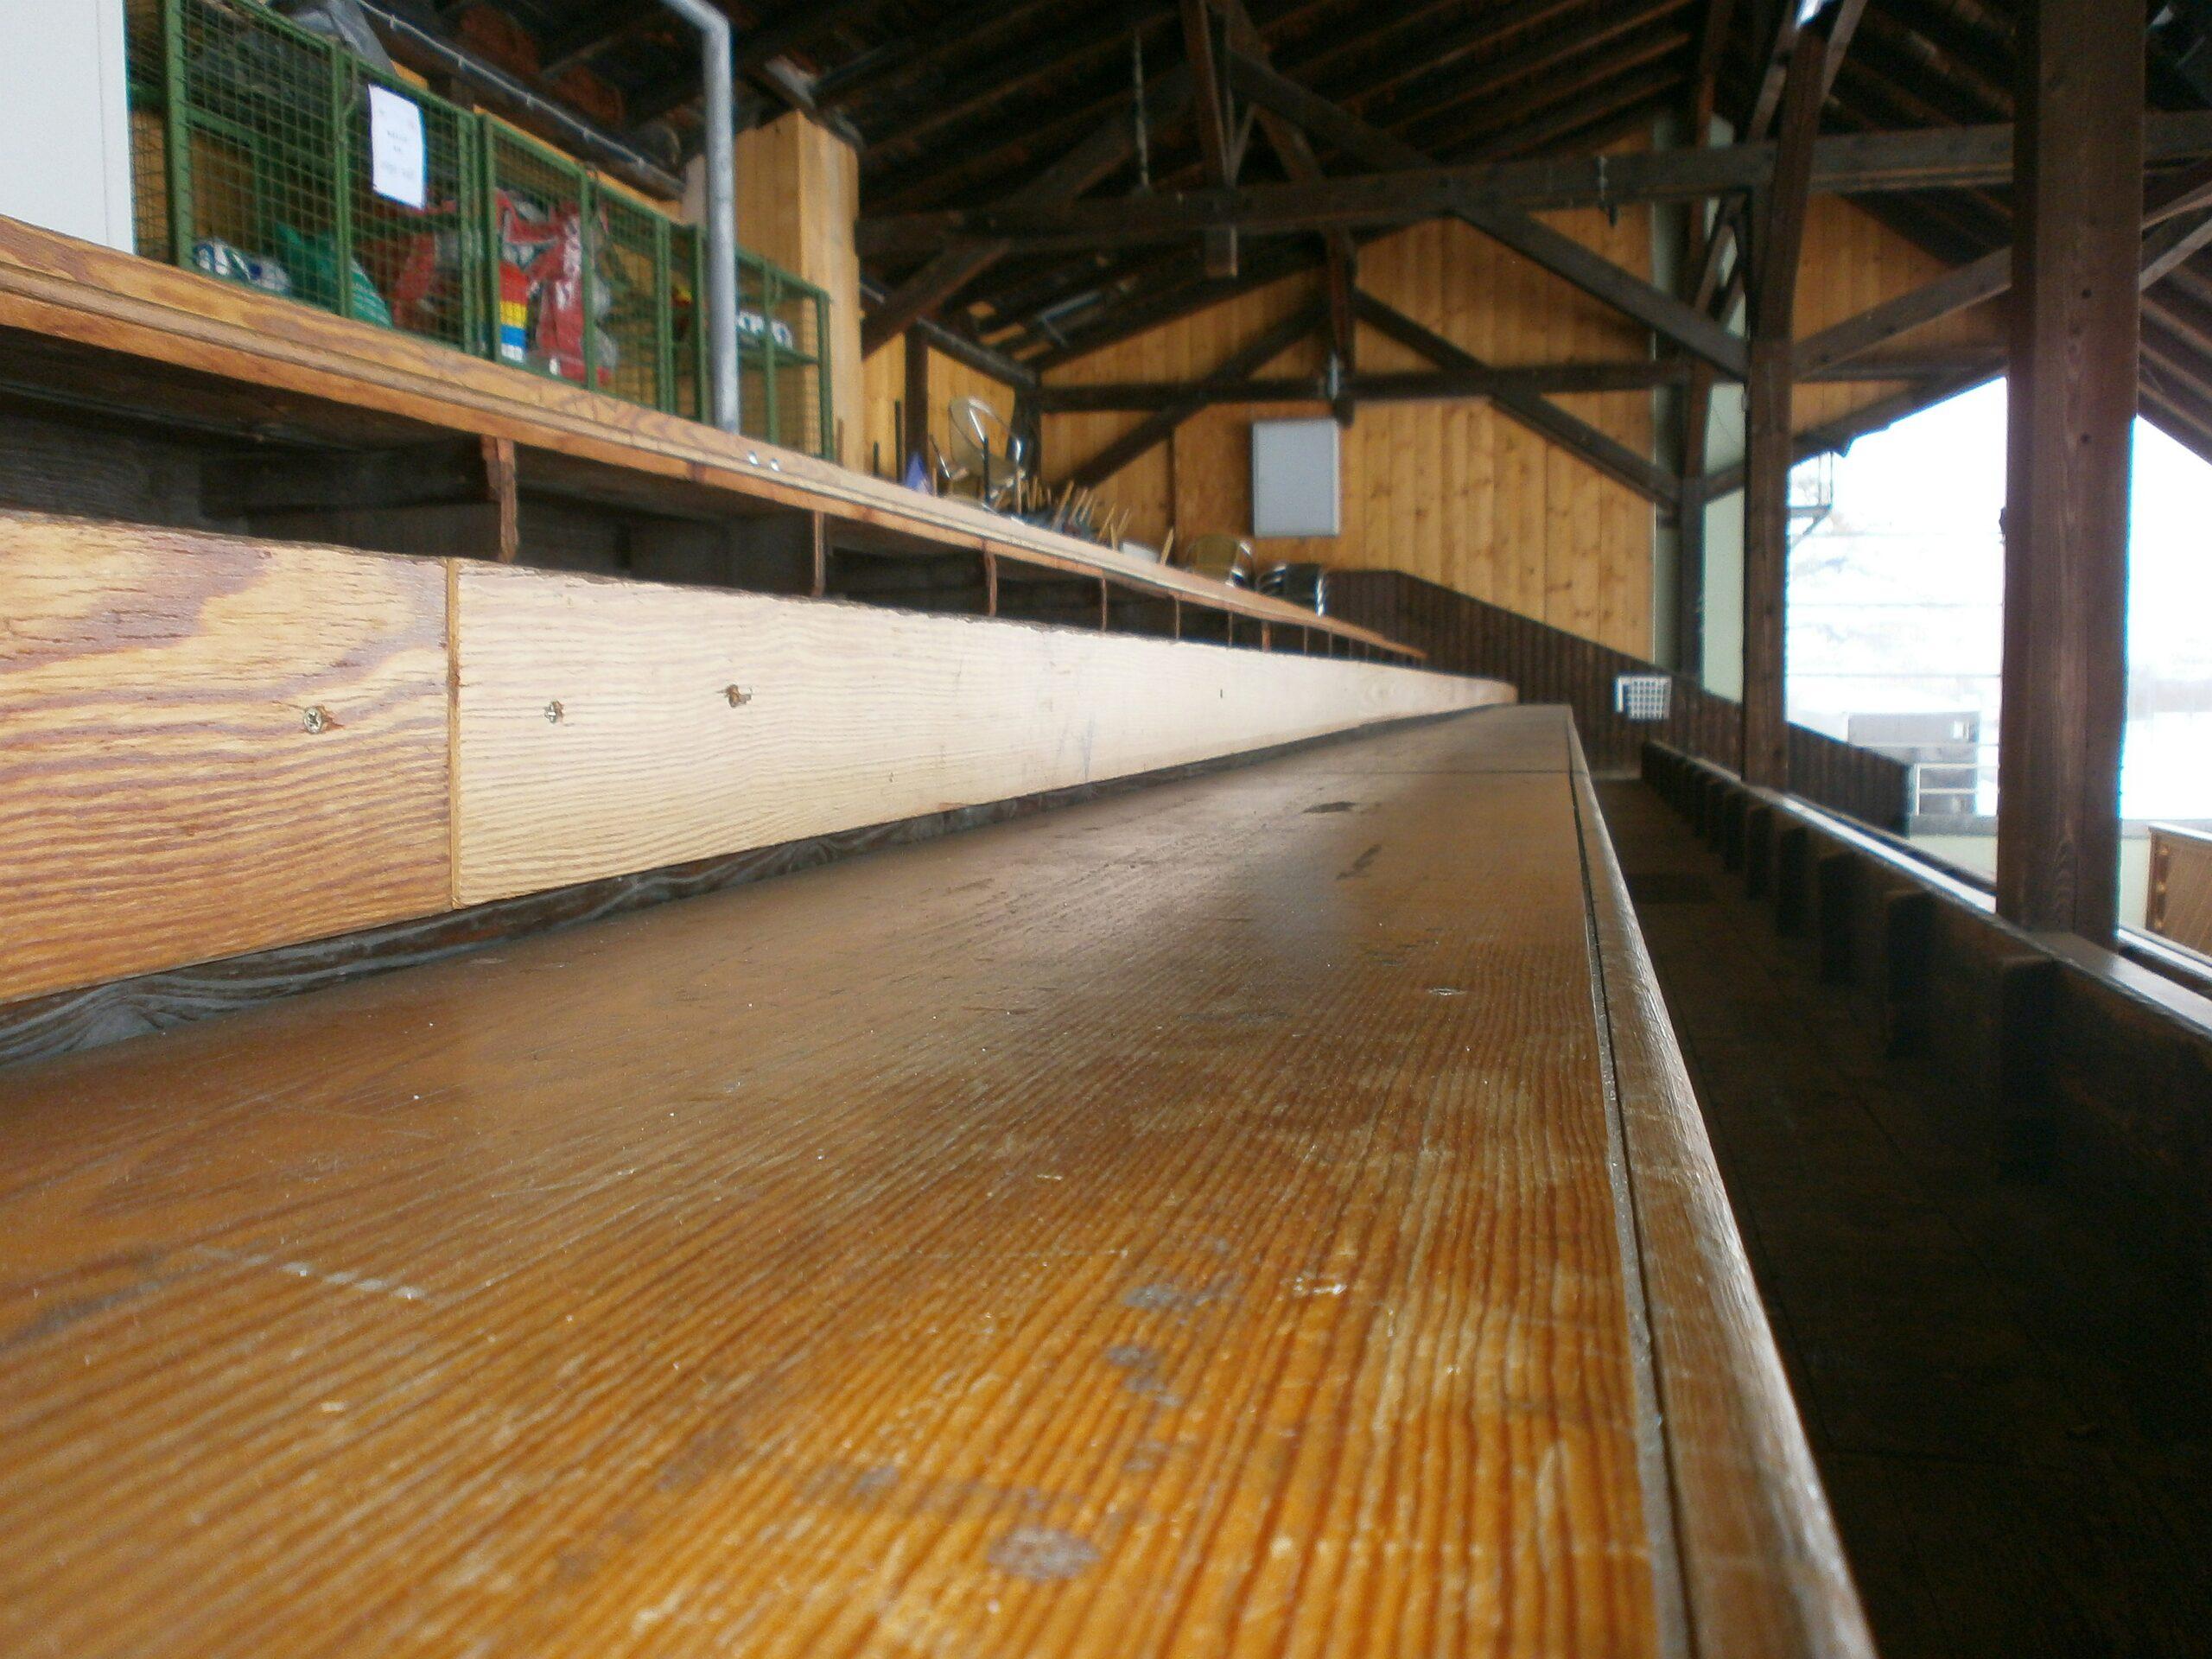 Gut Holz: Die alte Holztribüne